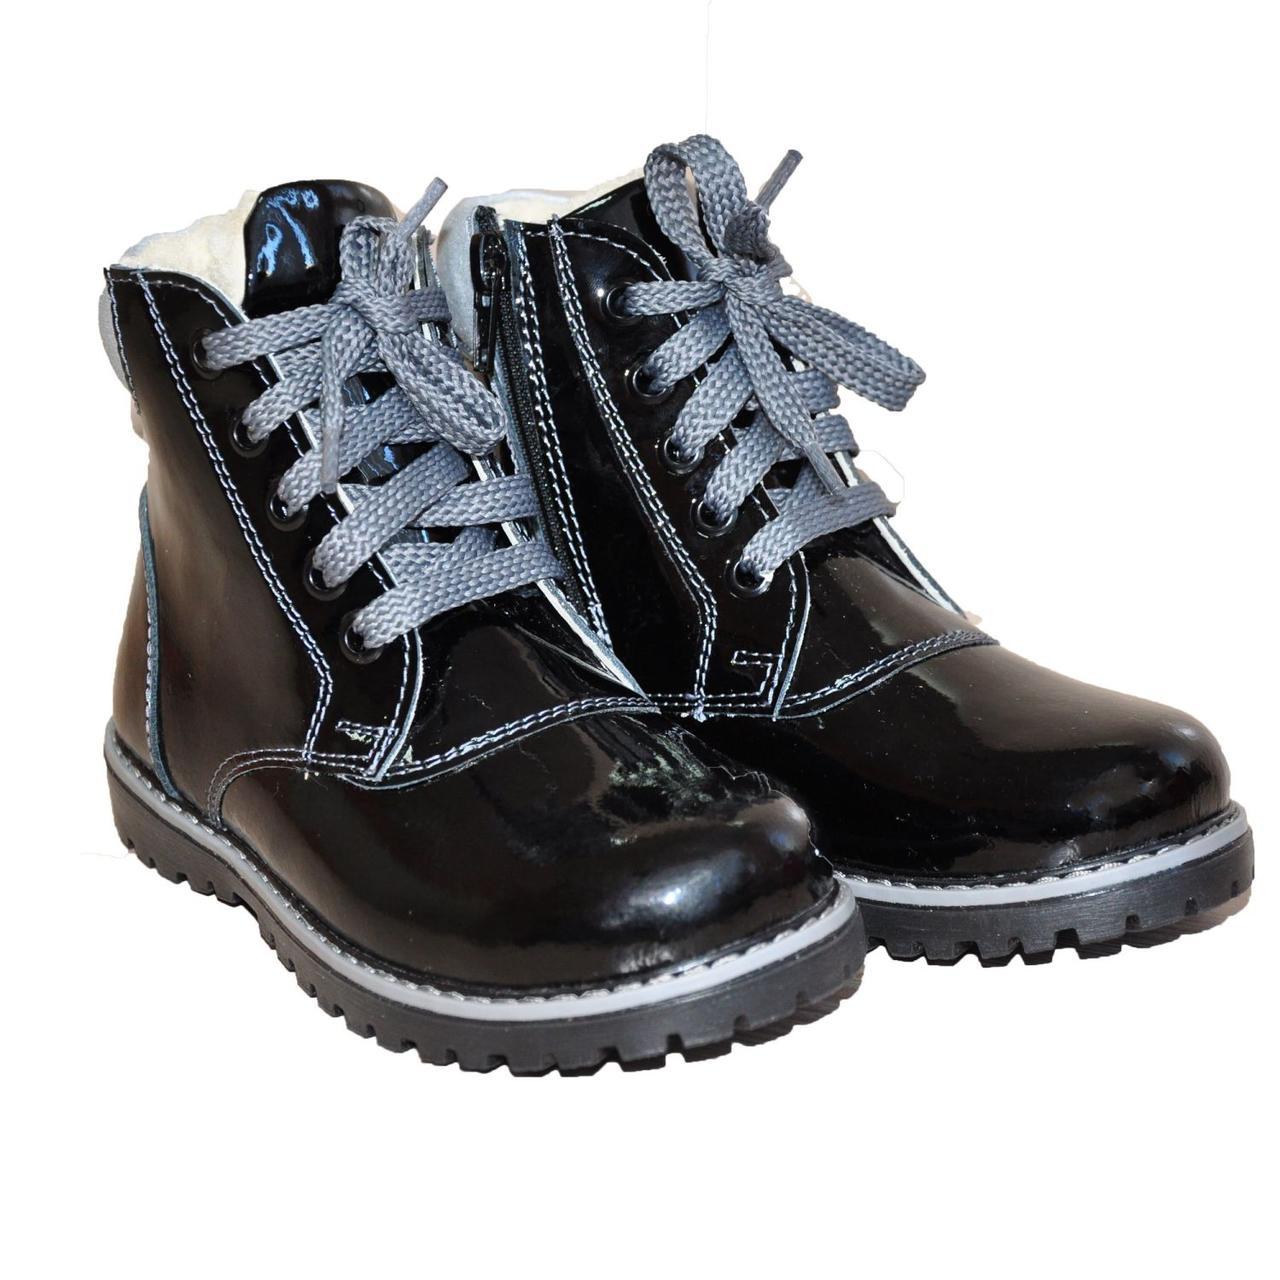 Зимние кожаные профилактические ботинки с жестким задником без супинатора 3081-Черные лакированые, размер 27